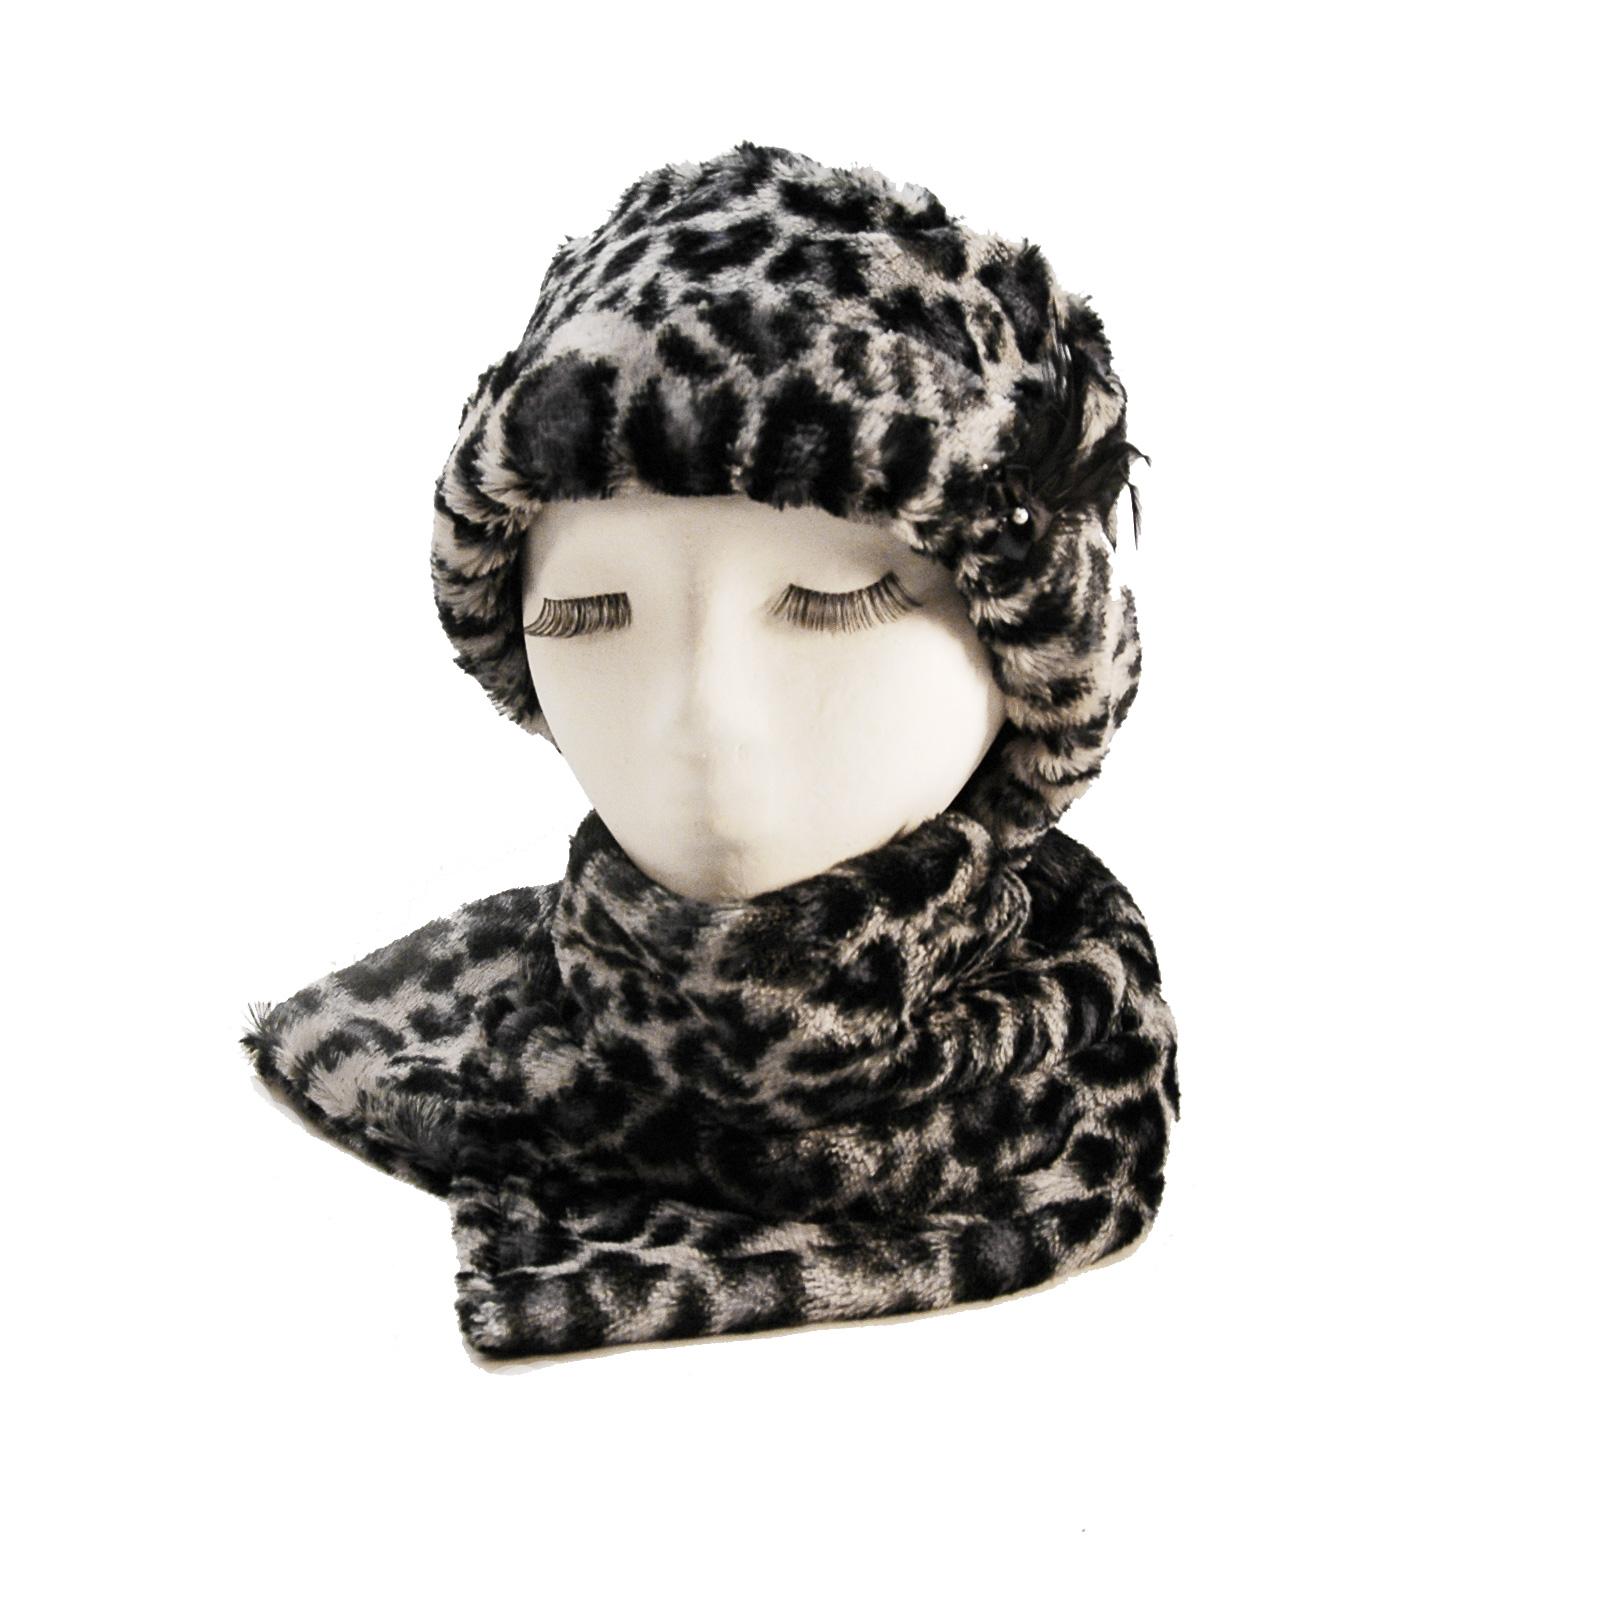 Foulard en fourrure synthétique léopard gris et noir - Créations Sydéral 9ef51e77e32